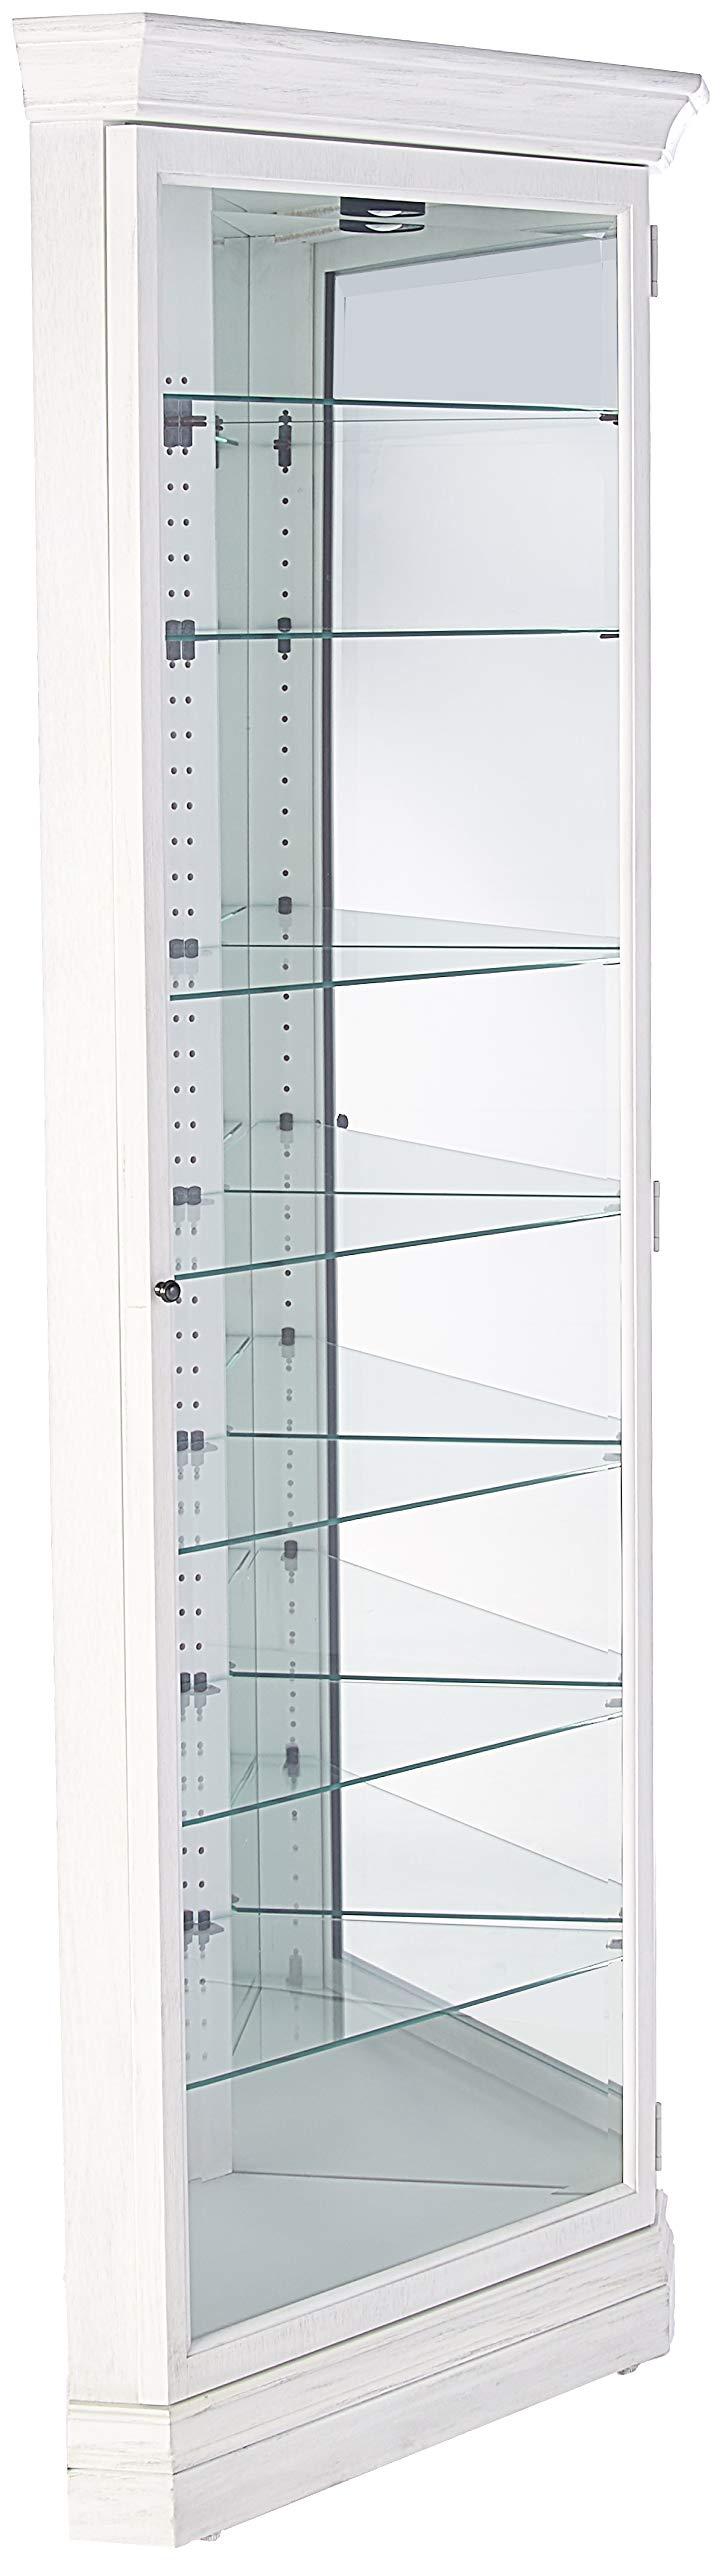 Howard Miller Curio Cabinet, Agend Linen by Howard Miller